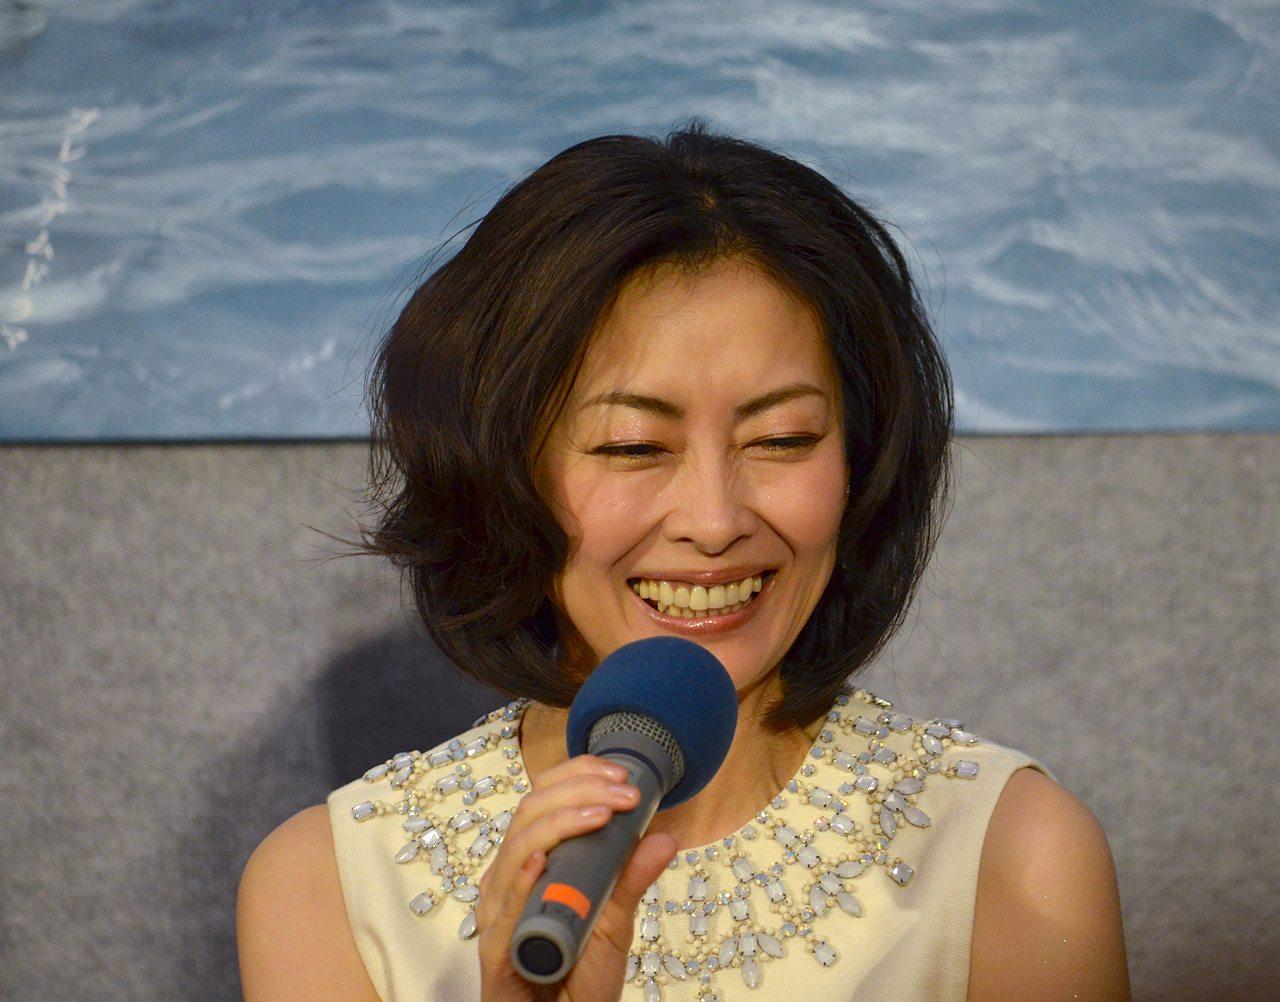 NHKドラマ「プラトニック」完成試写会での中山美穂 劣化が酷い